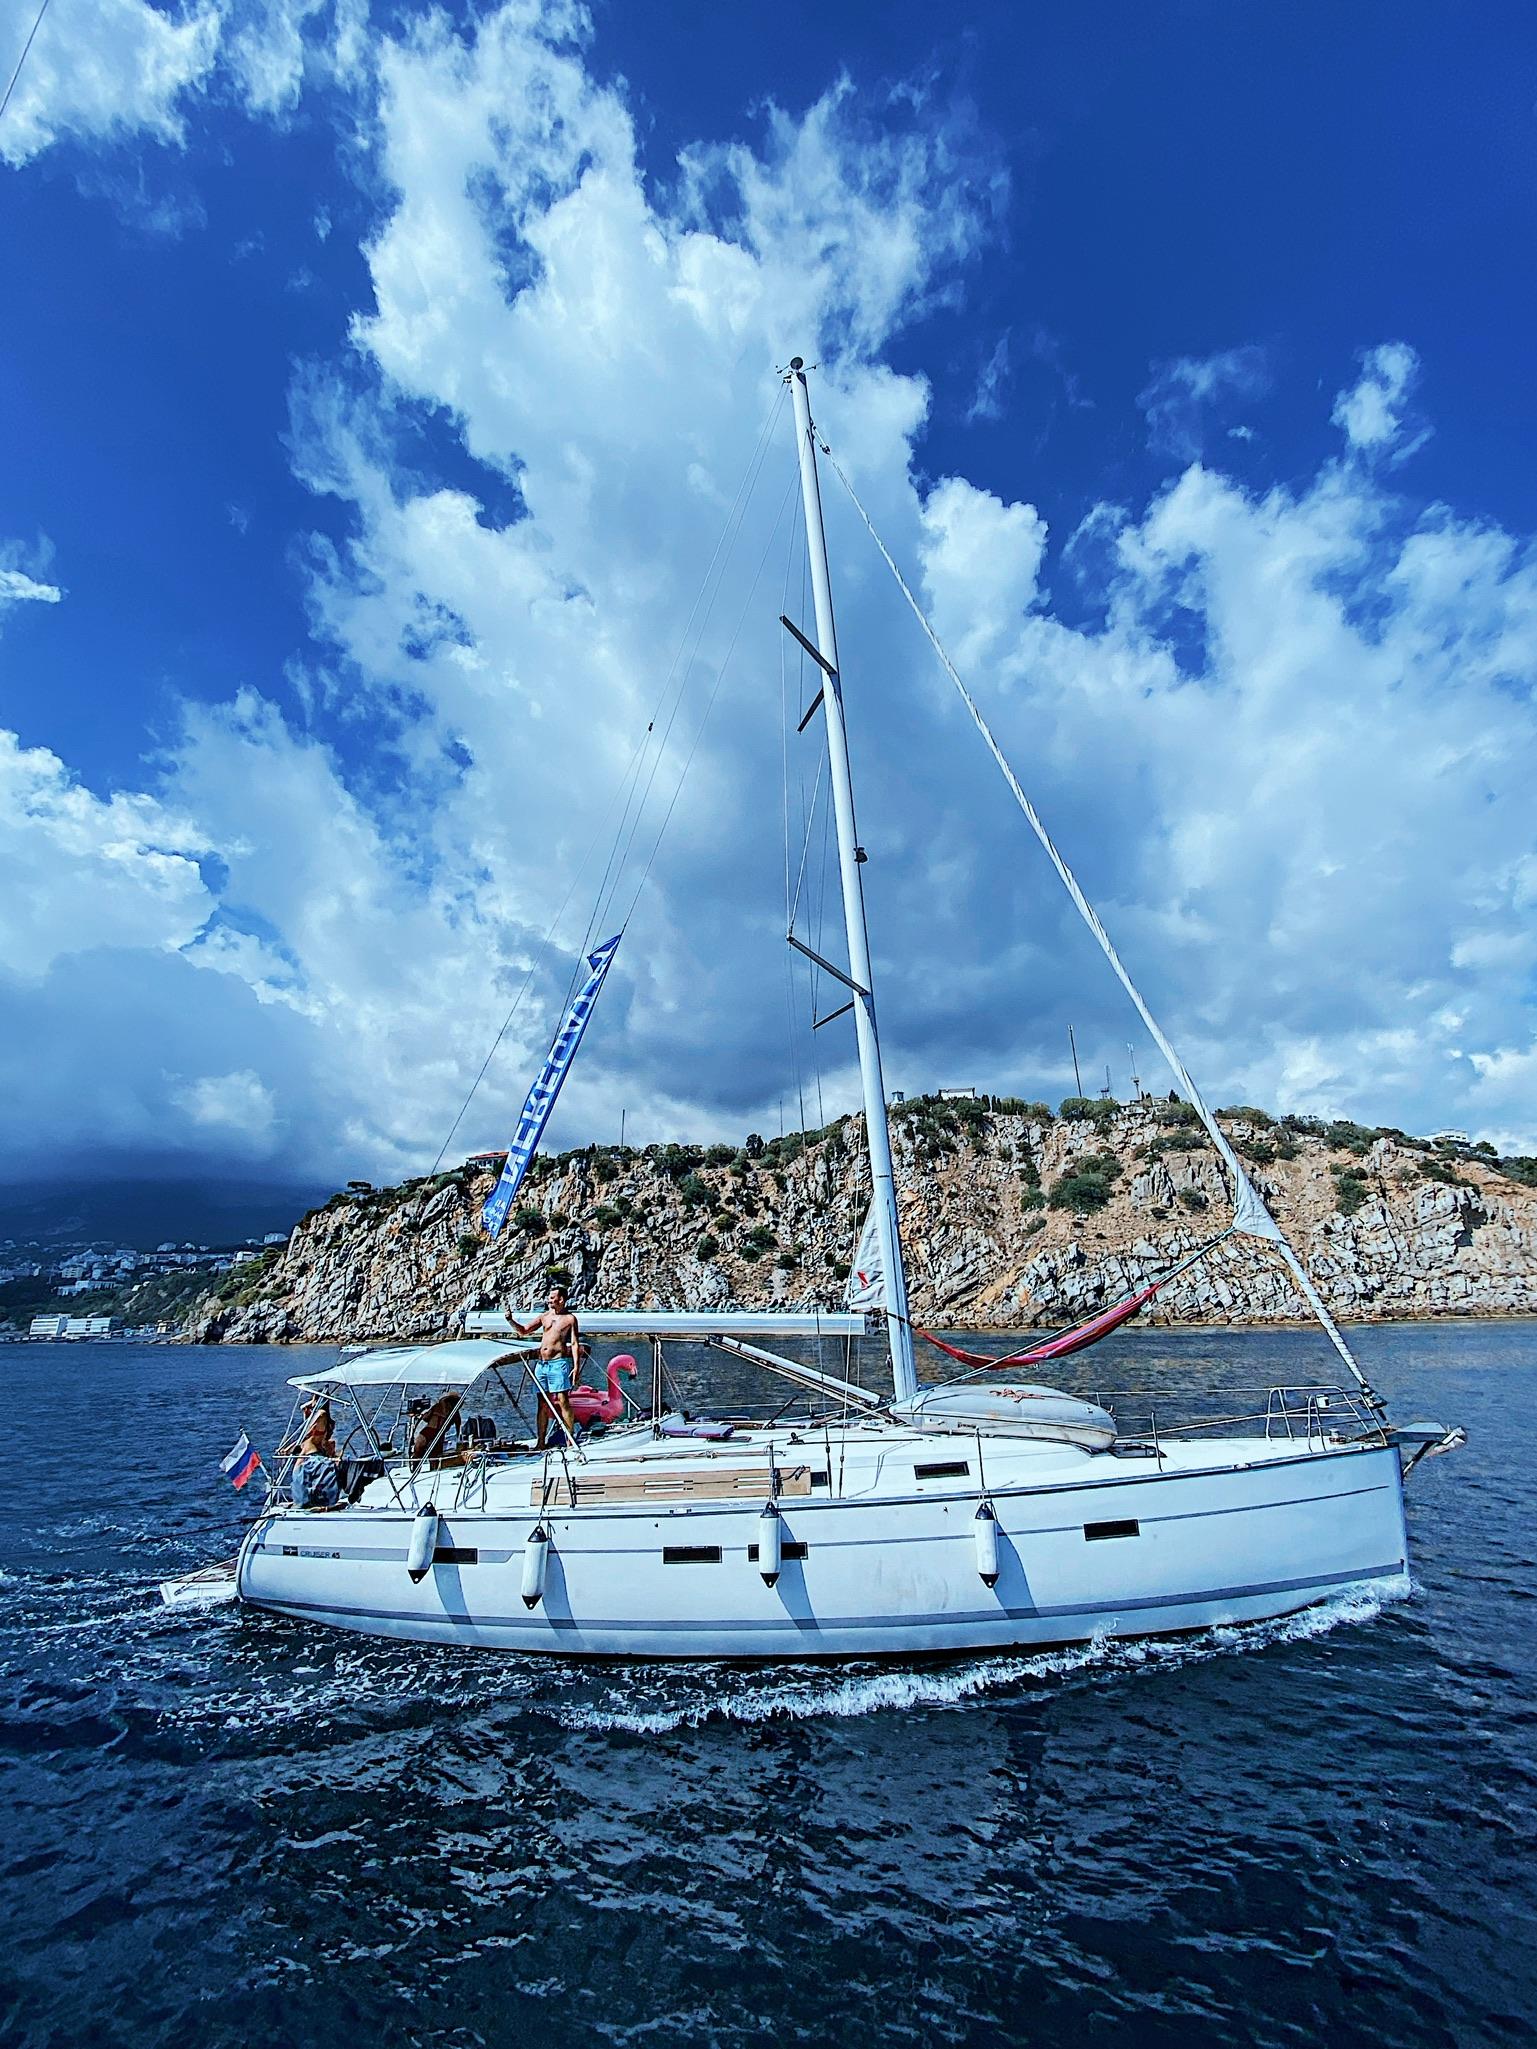 Что лучше яхта или катамаран?